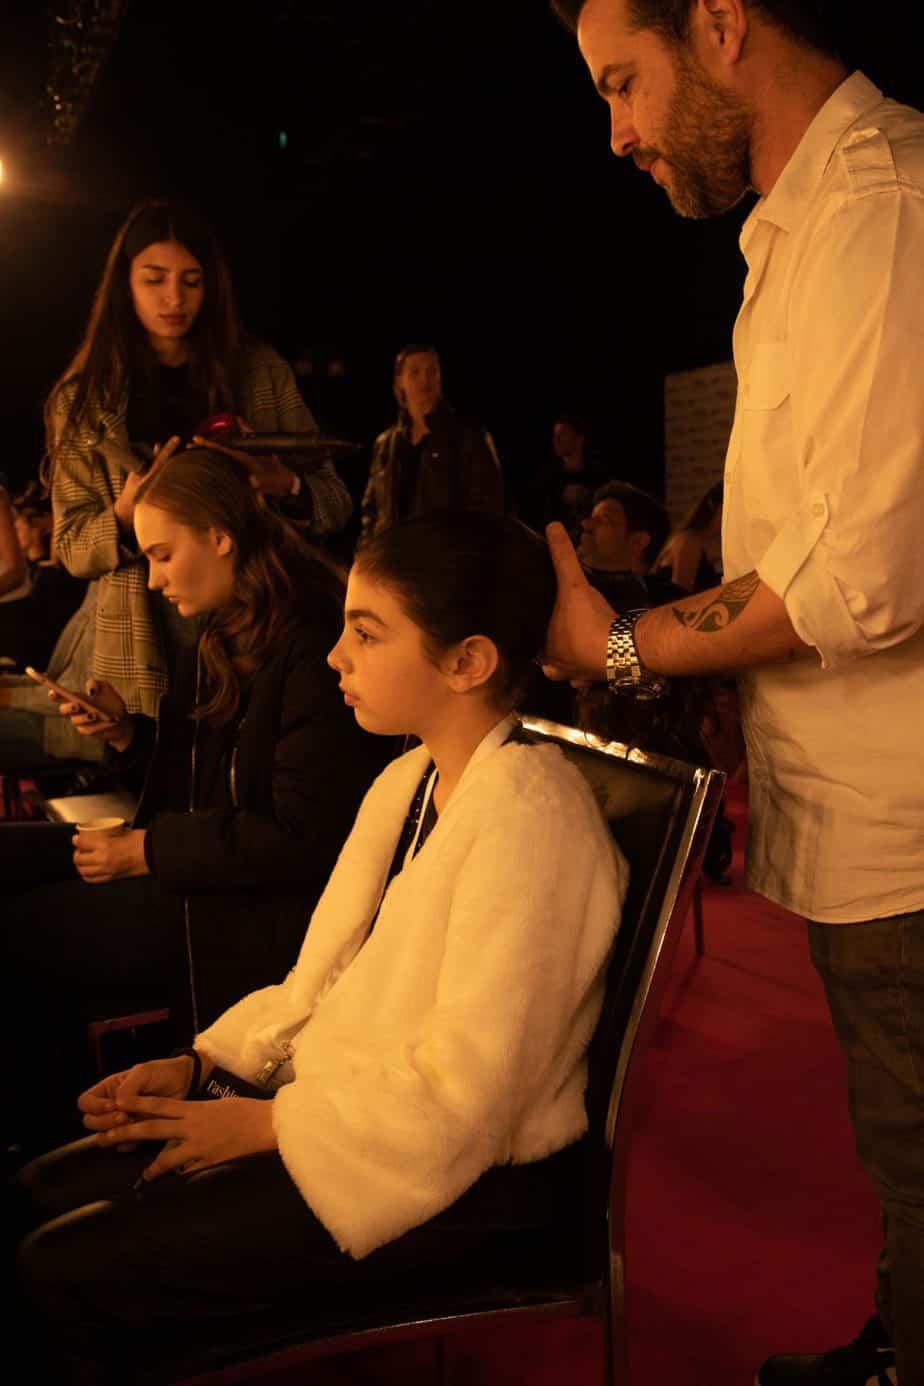 שבוע האופנה תל אביב 2019. צילום עומר קפלן - 3